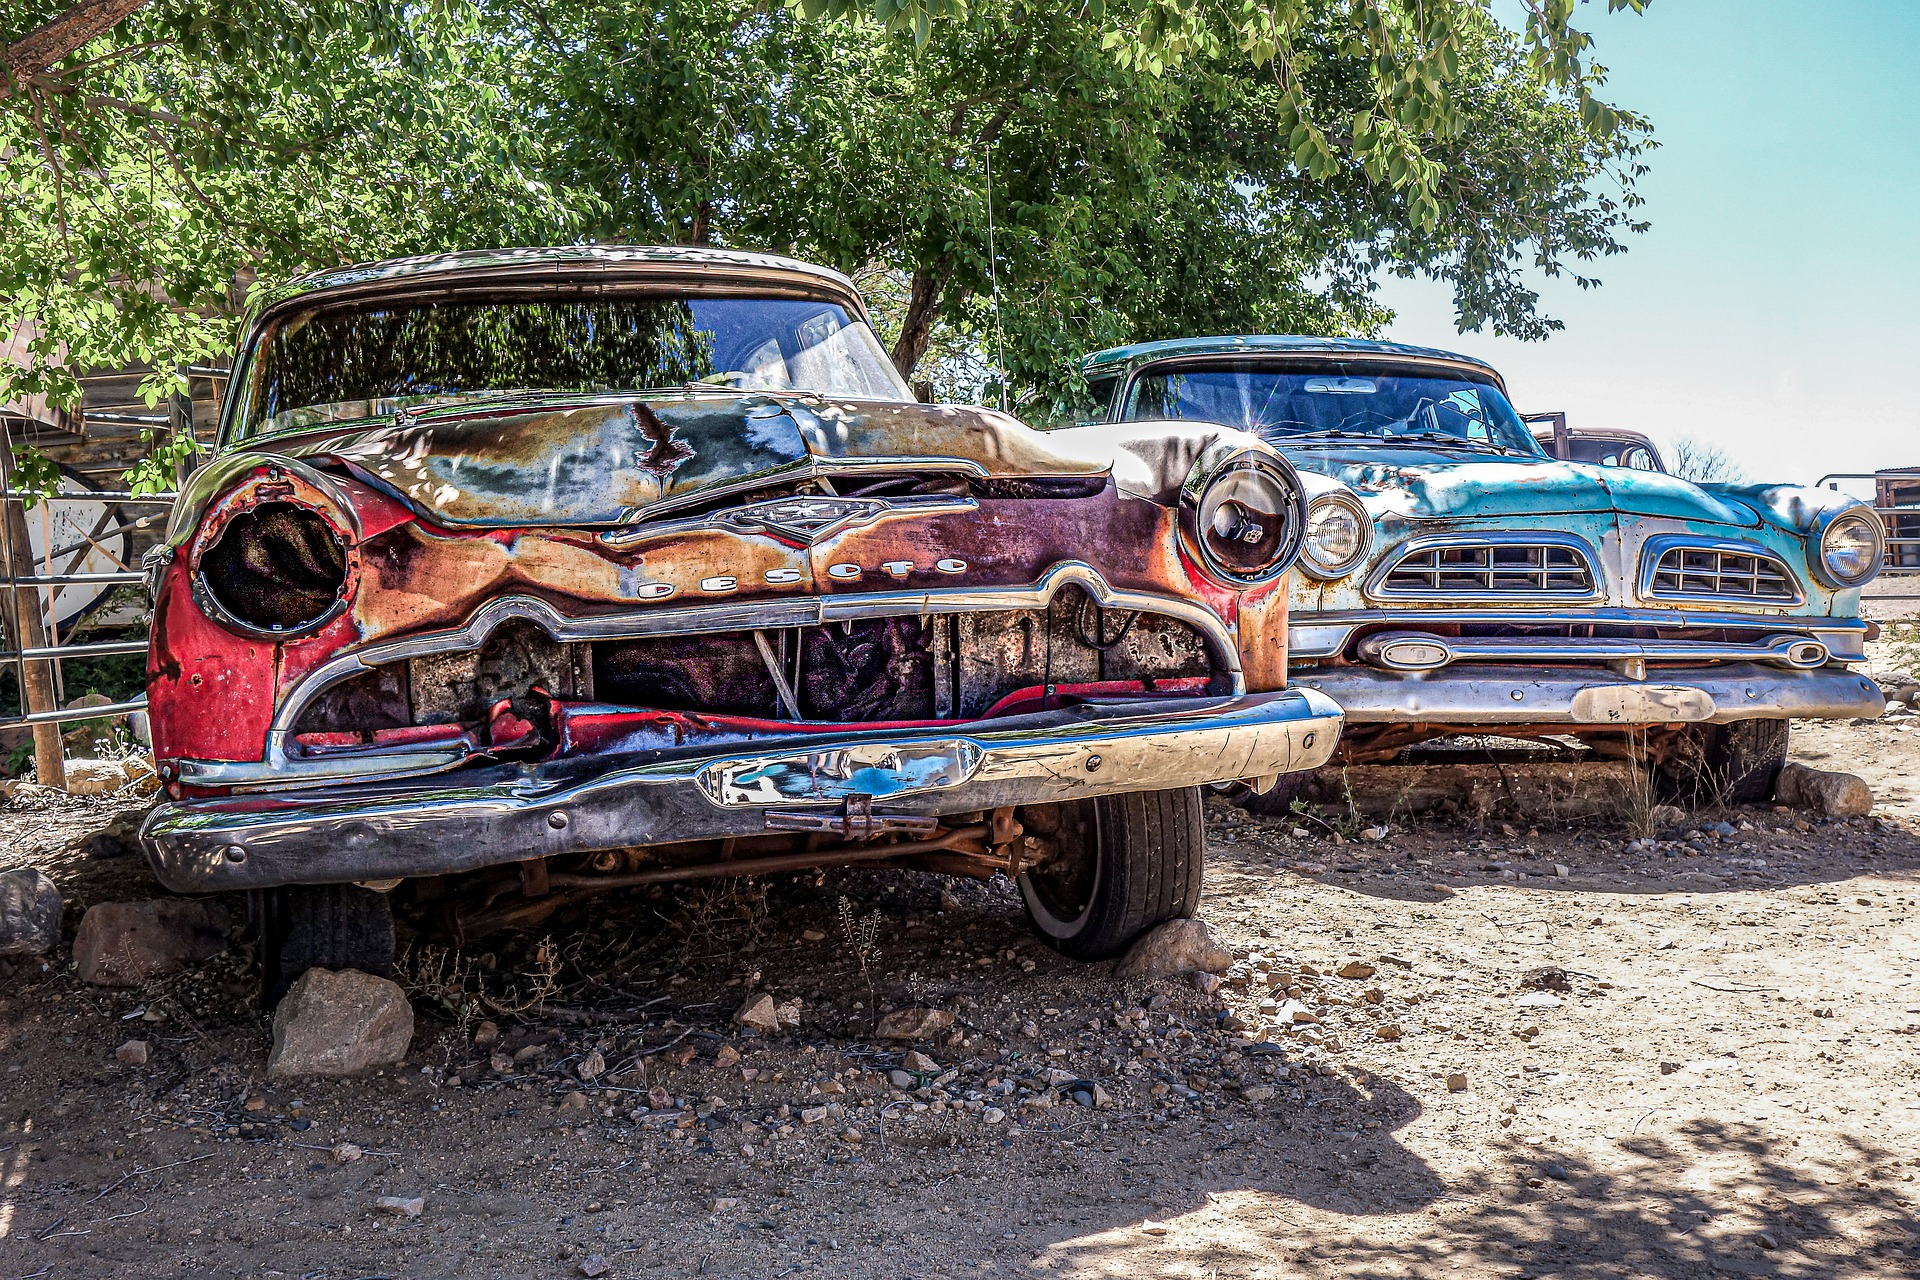 מגרש לפירוק רכבים – כמה תקבלו על הרכב שלכם